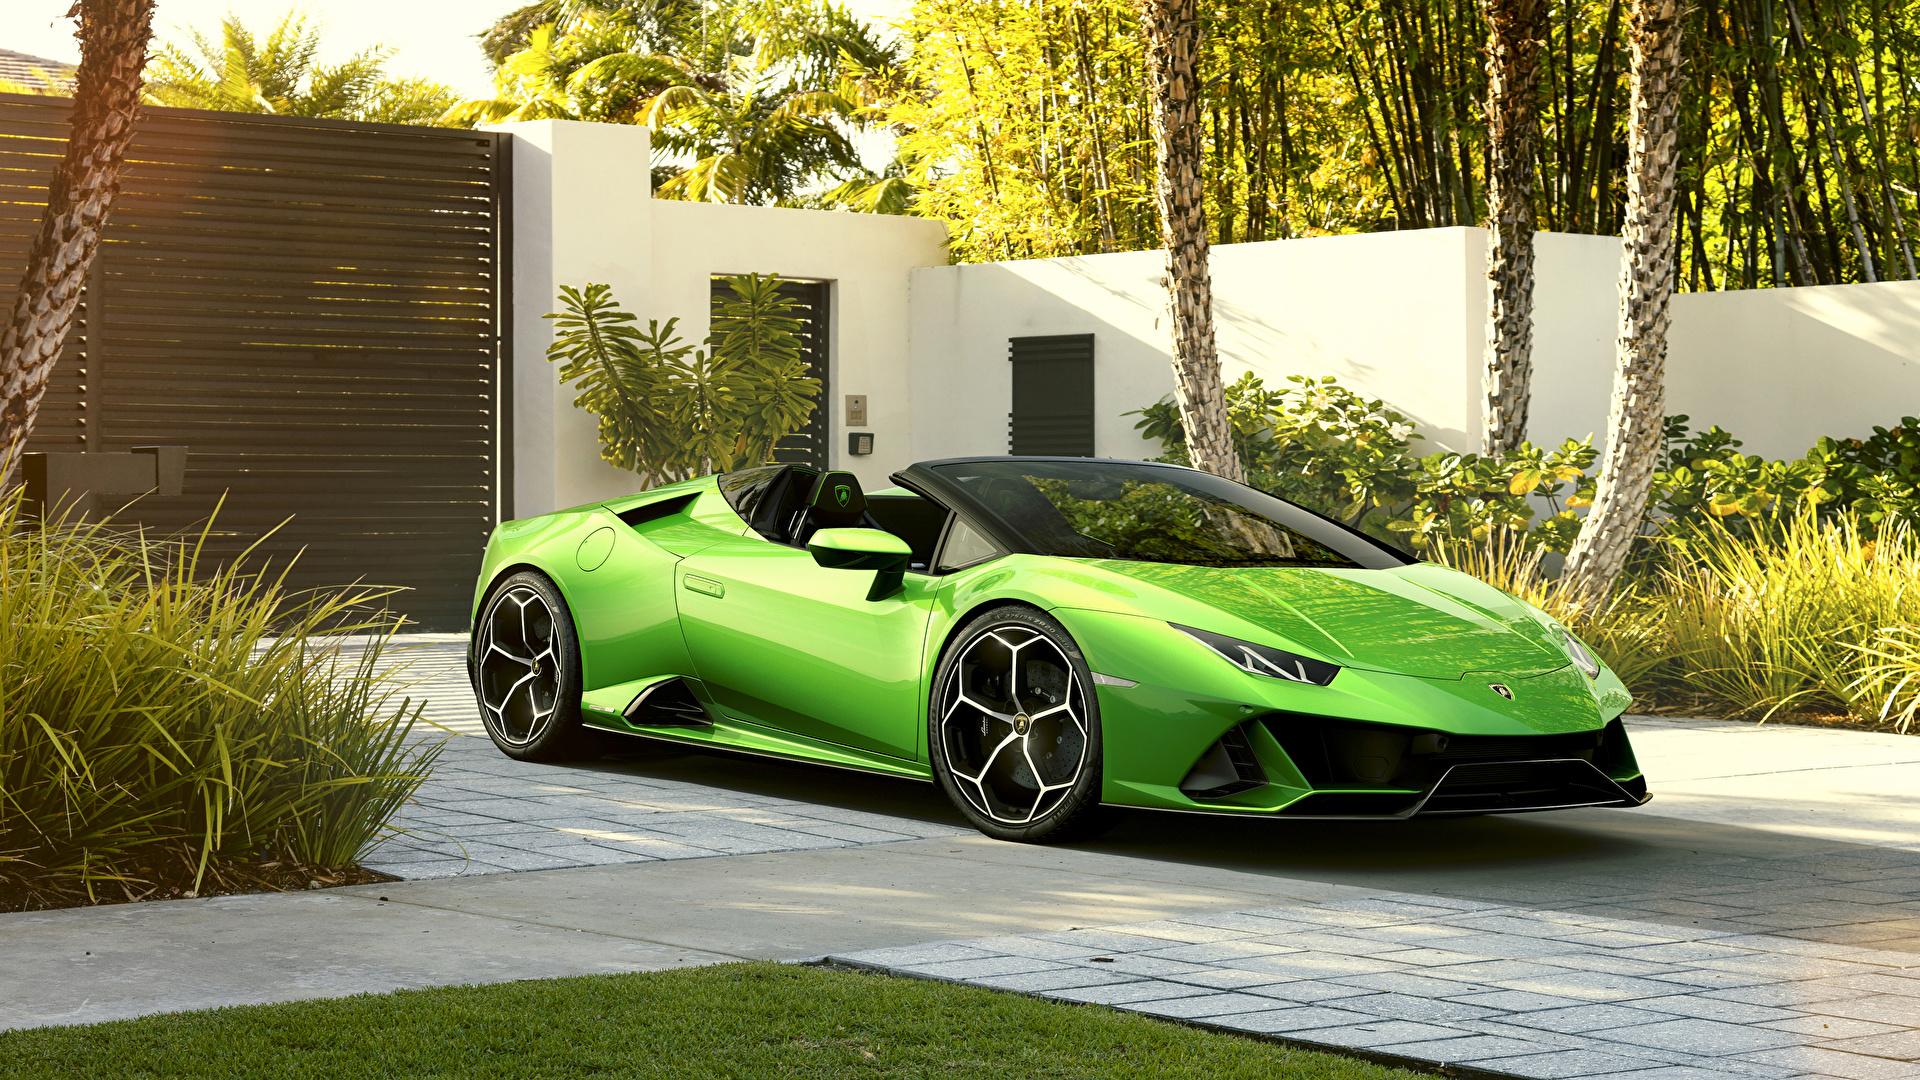 Фотографии Lamborghini 2019 Huracan EVO Spyder Родстер салатовая Металлик Автомобили 1920x1080 Ламборгини Салатовый салатовые желто зеленый Авто Машины